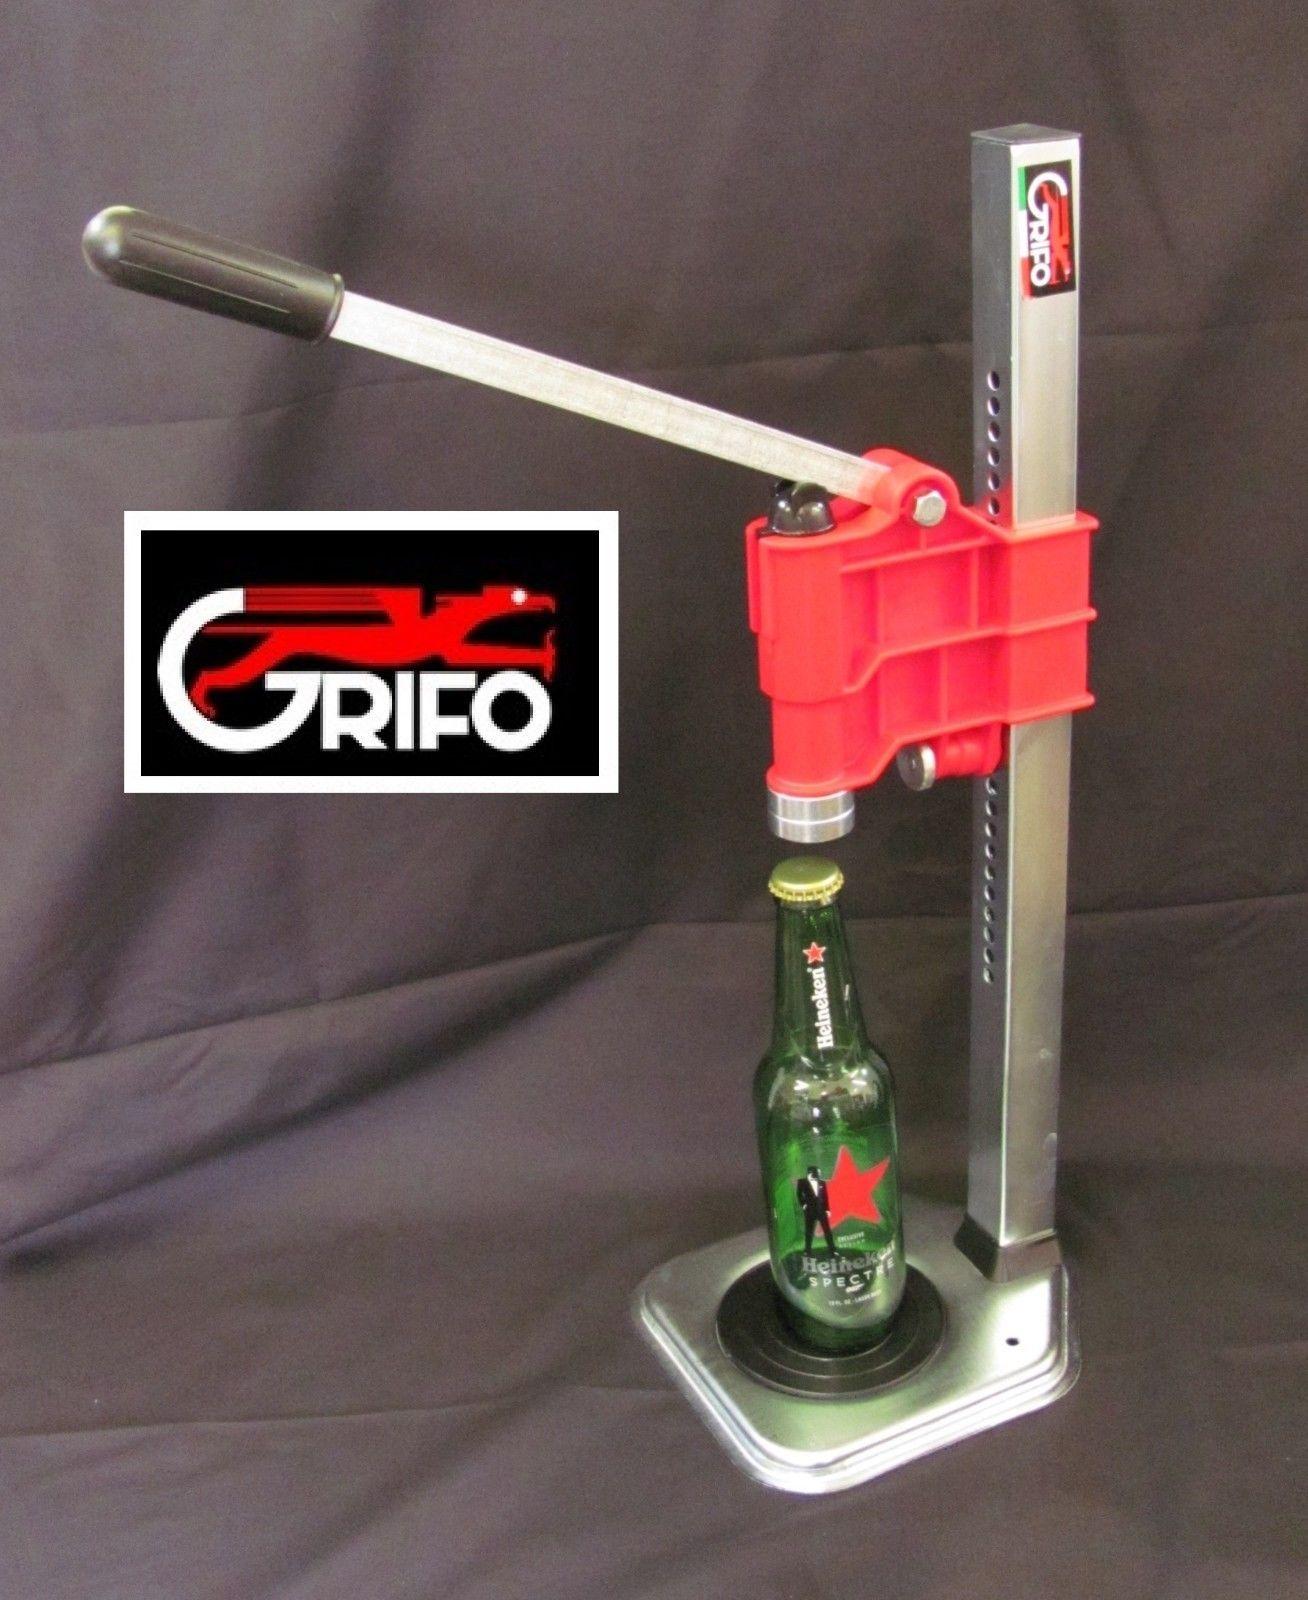 Red Bench Capper For Homebrew Beer Soda Kombucha Bottles Grifo Kit W Crowns Kombucha Bottles Home Brewing Beer Home Brewing